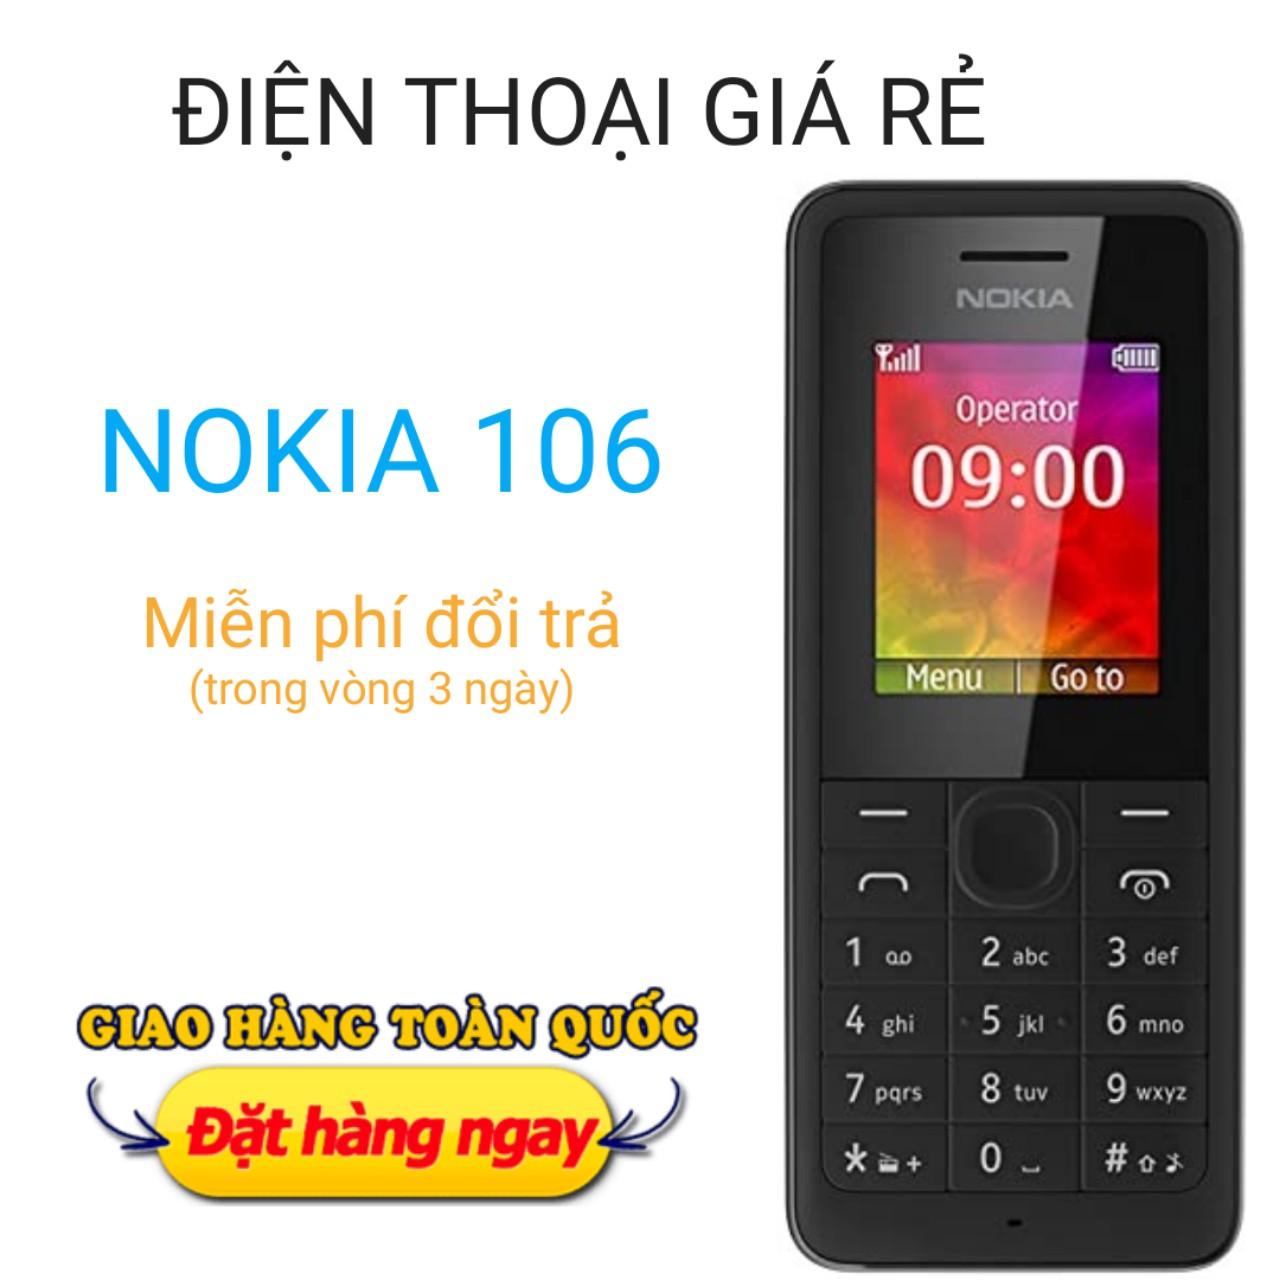 Điện thoại Nokia 106 giá rẻ cho 1 SIM, kèm Pin + sạc, hàng công ty chất lượng nghe gọi to rõ, màu đen